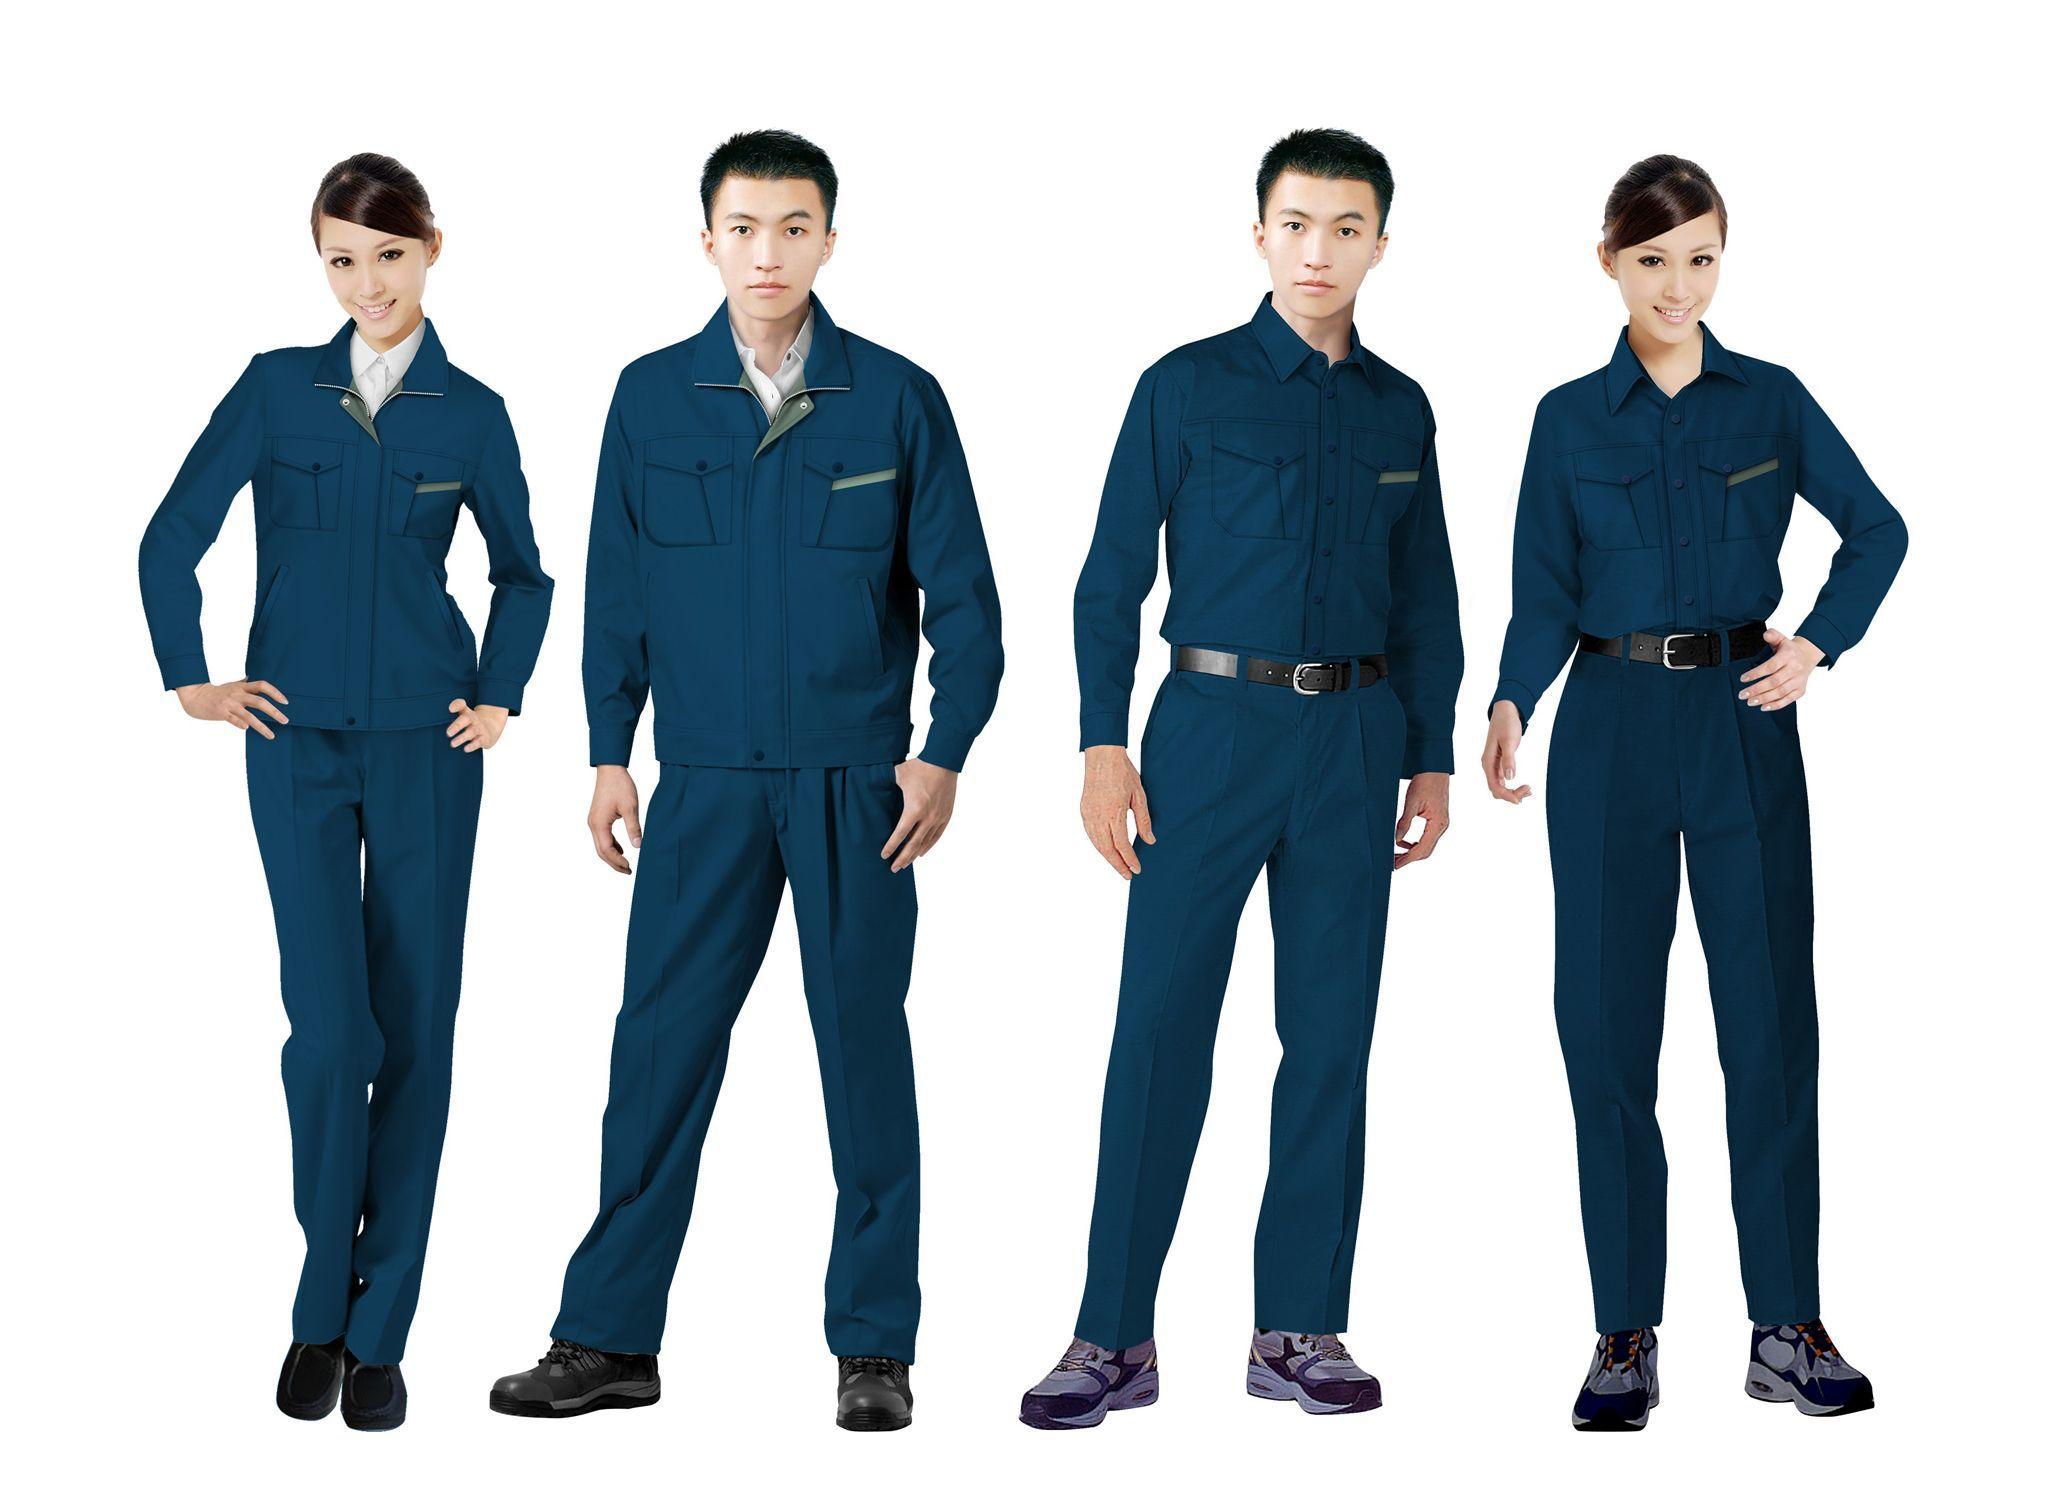 工作服设计图系列方案12